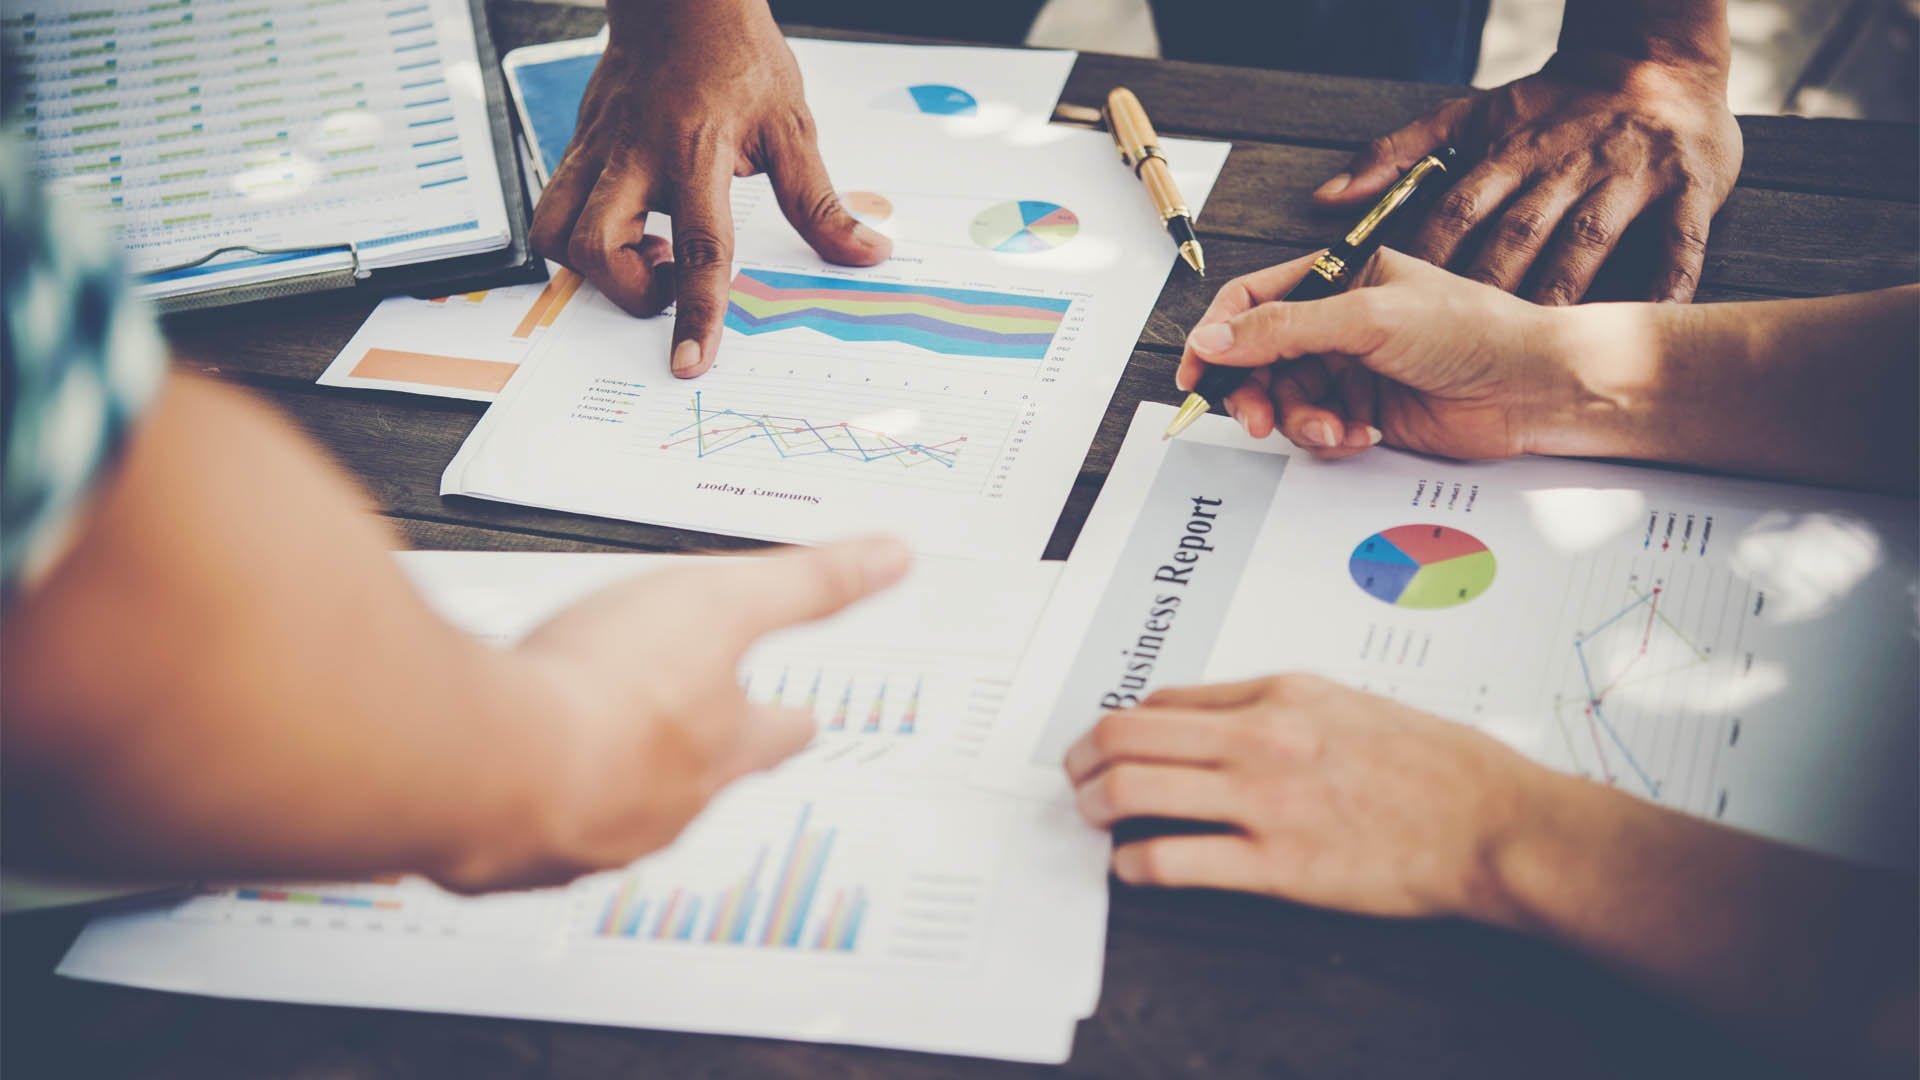 L'importanza dell'analisi